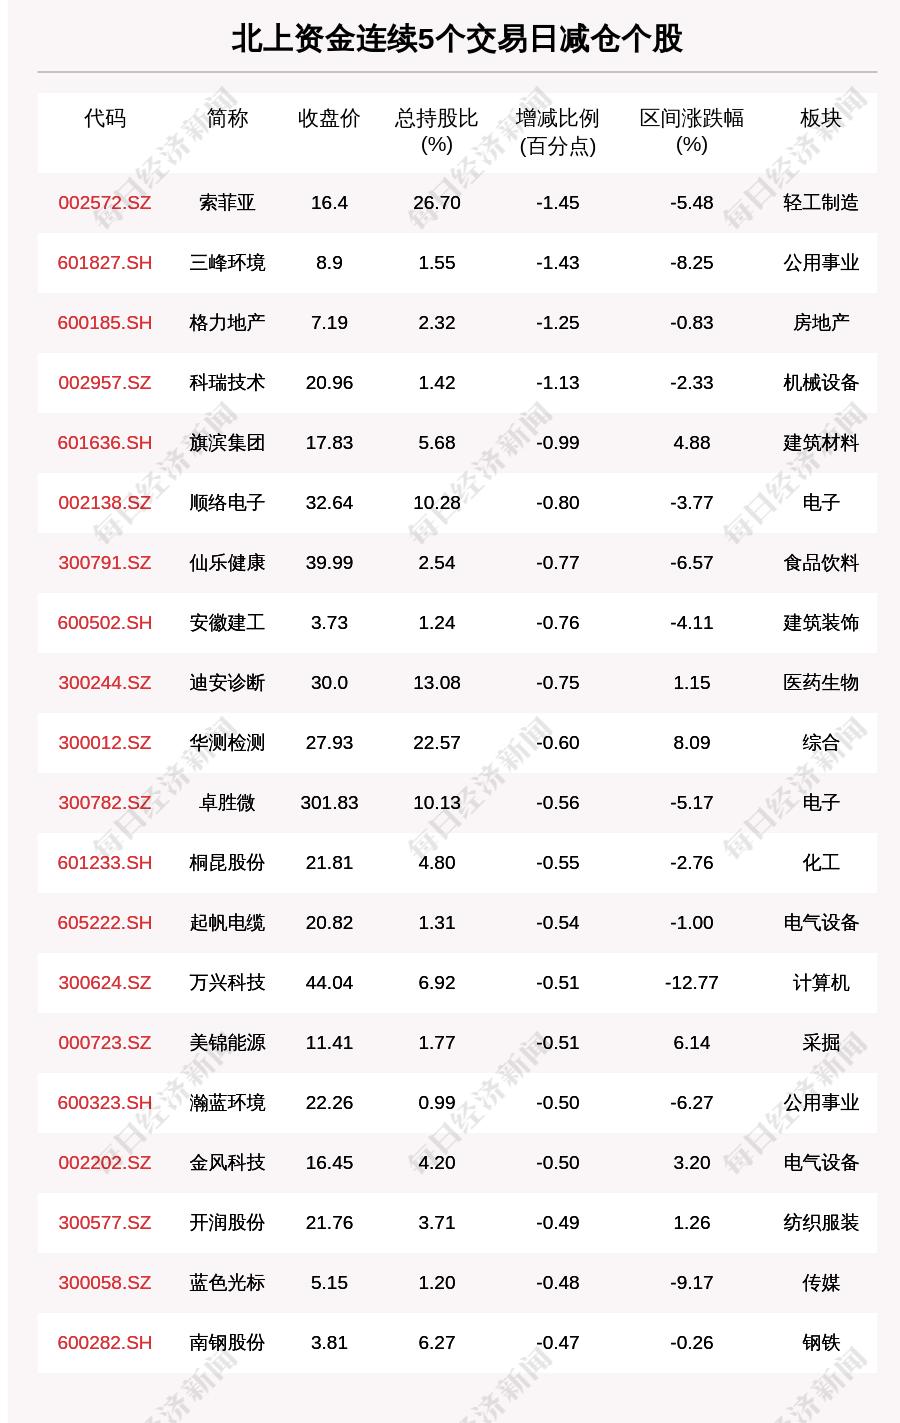 揭秘北上资金:连续5日减仓这77只个股(附名单)